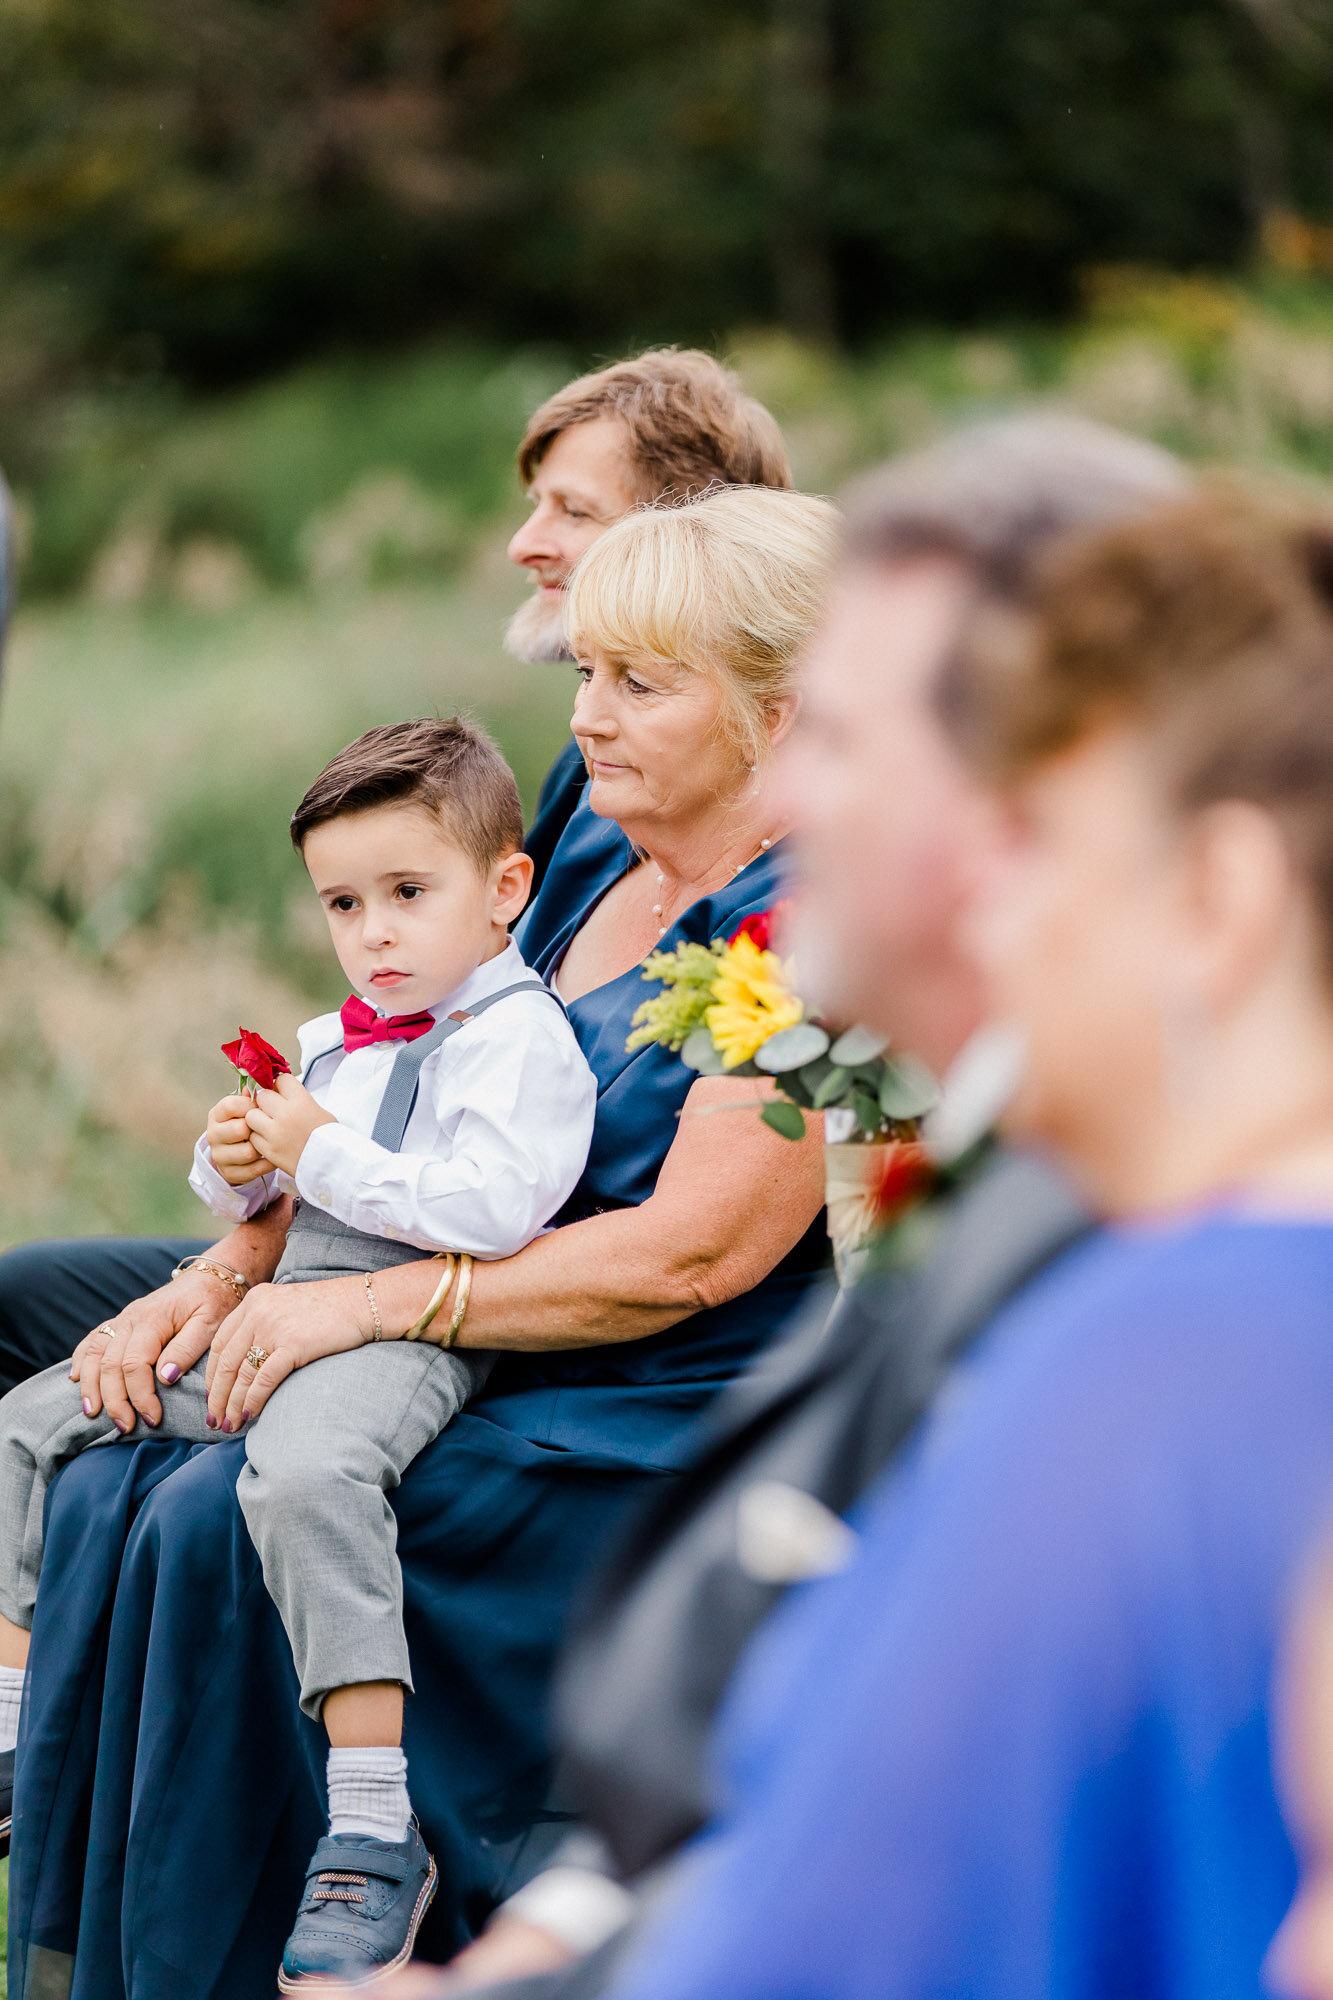 links-hemlock-creek-bloomsburg-wedding-6170.jpg